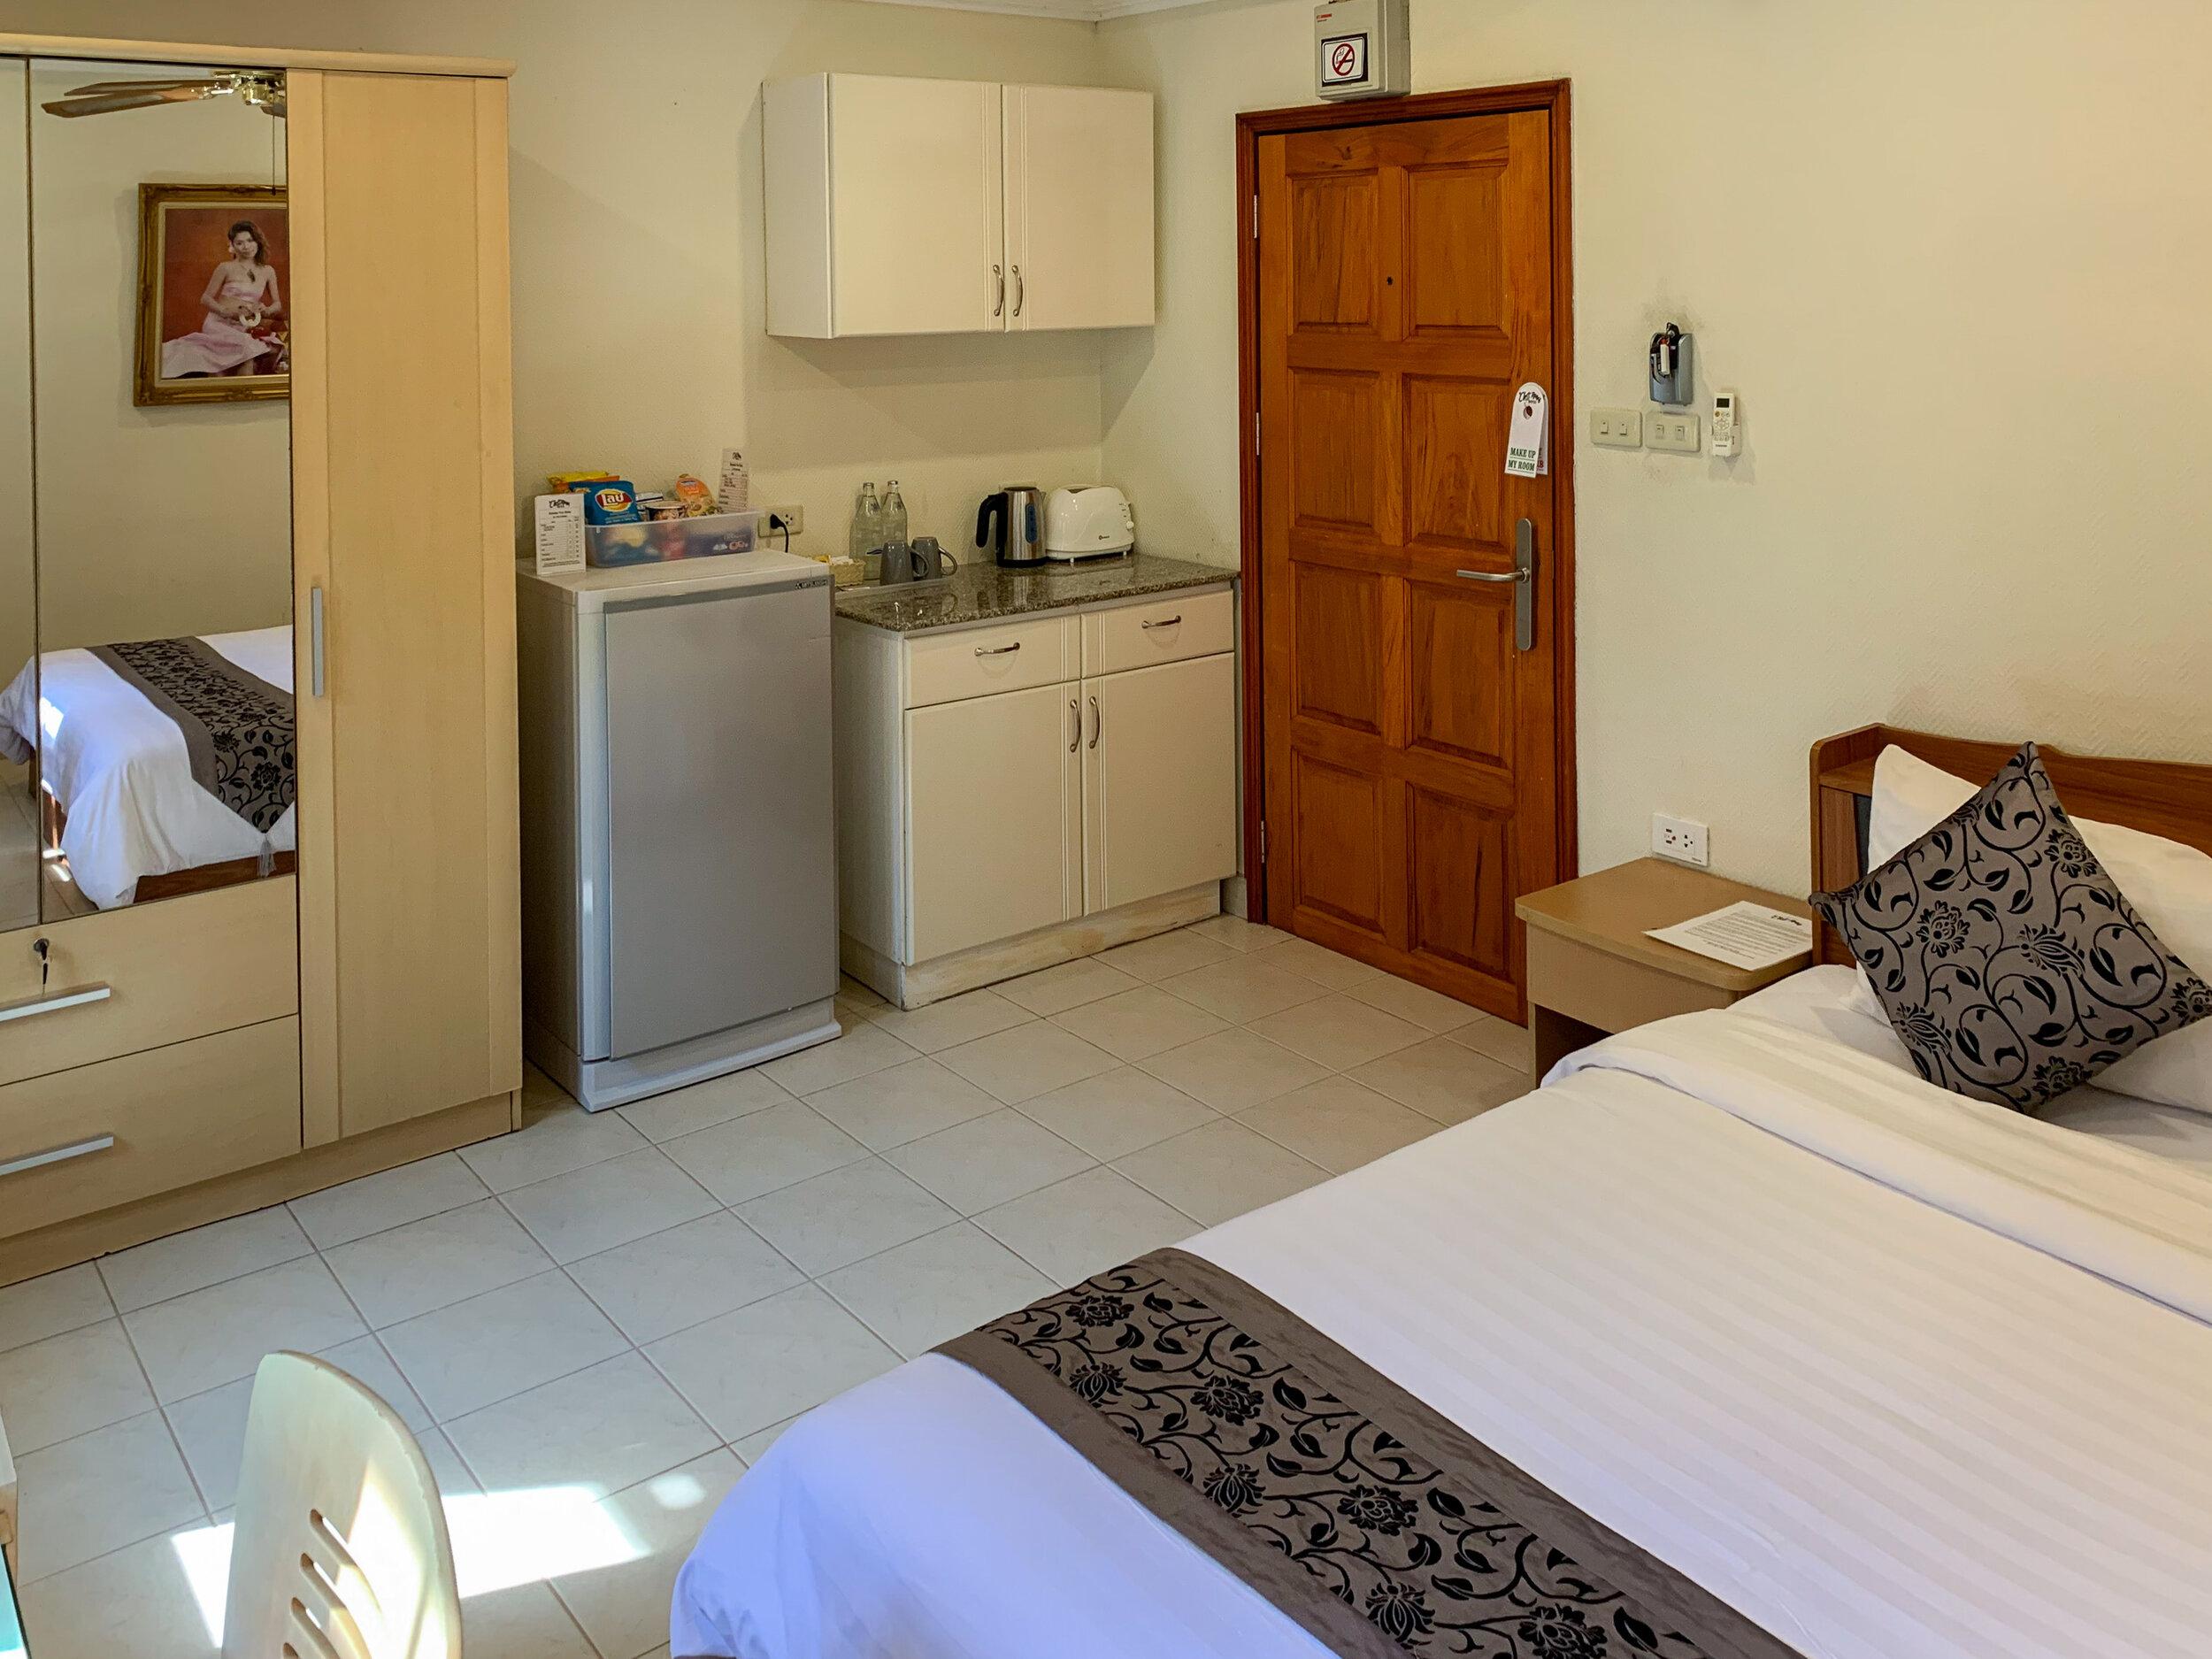 Room 41 kitchenette.jpg